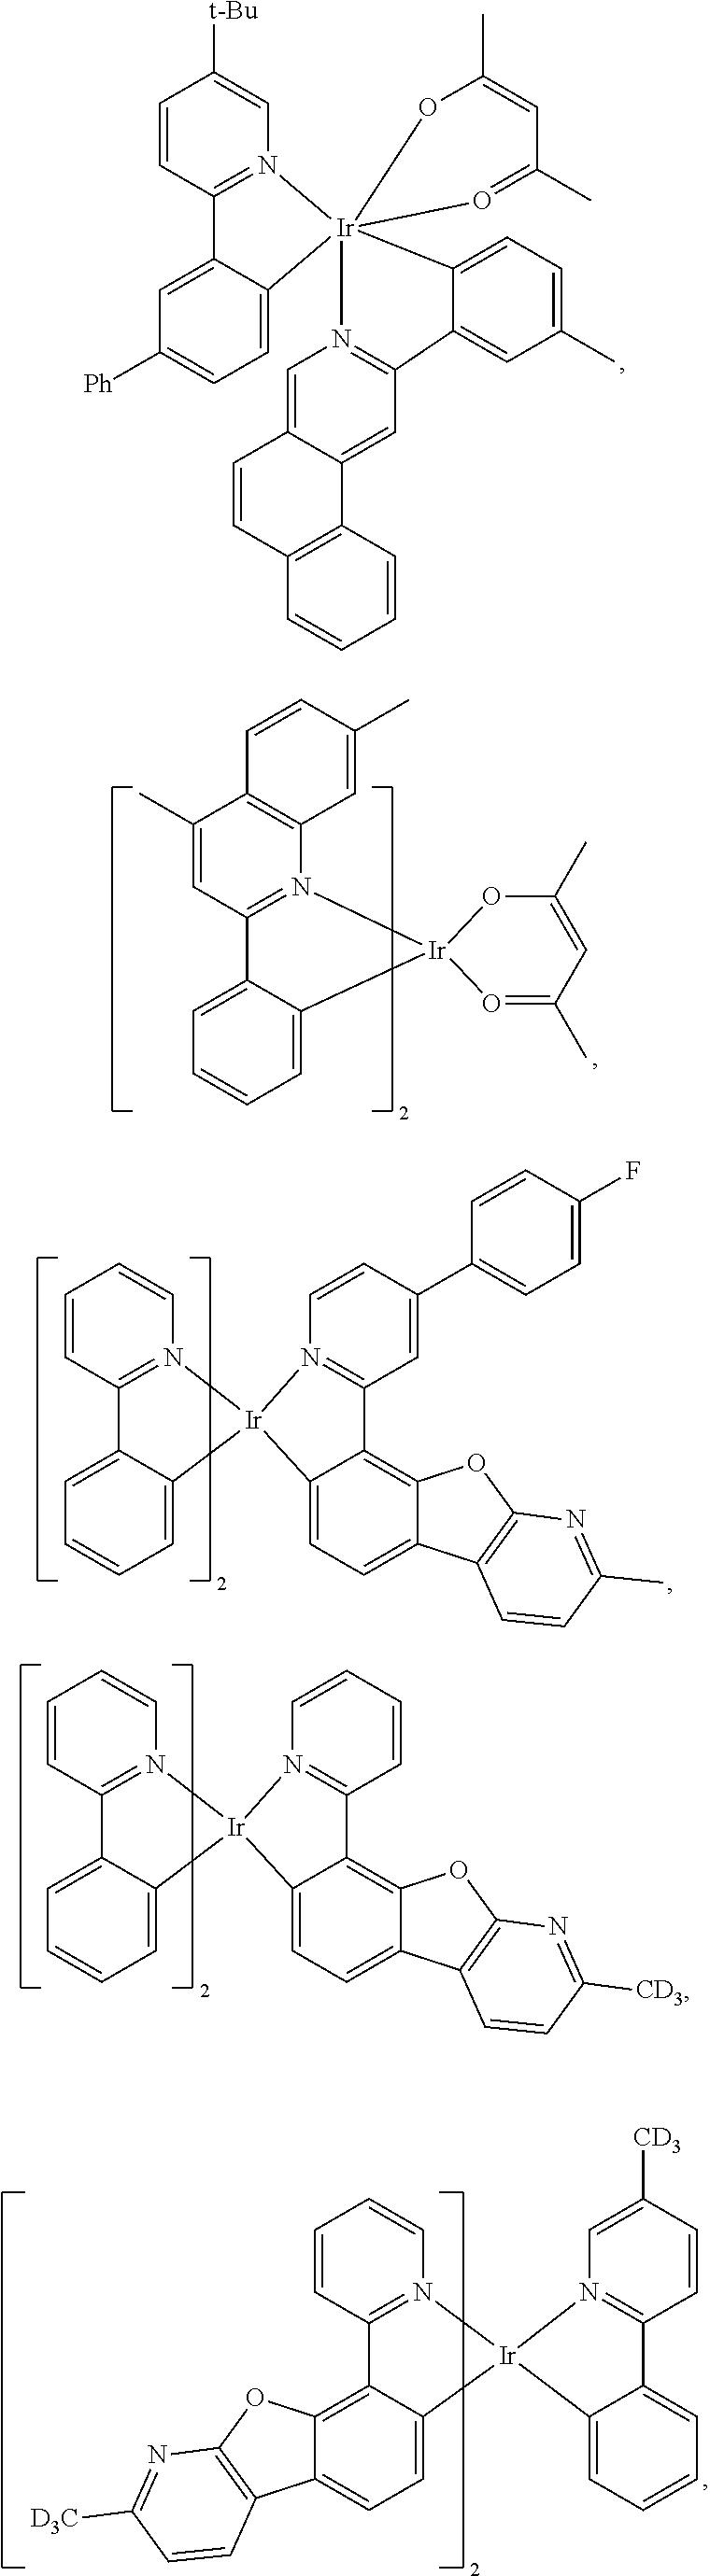 Figure US09929360-20180327-C00162